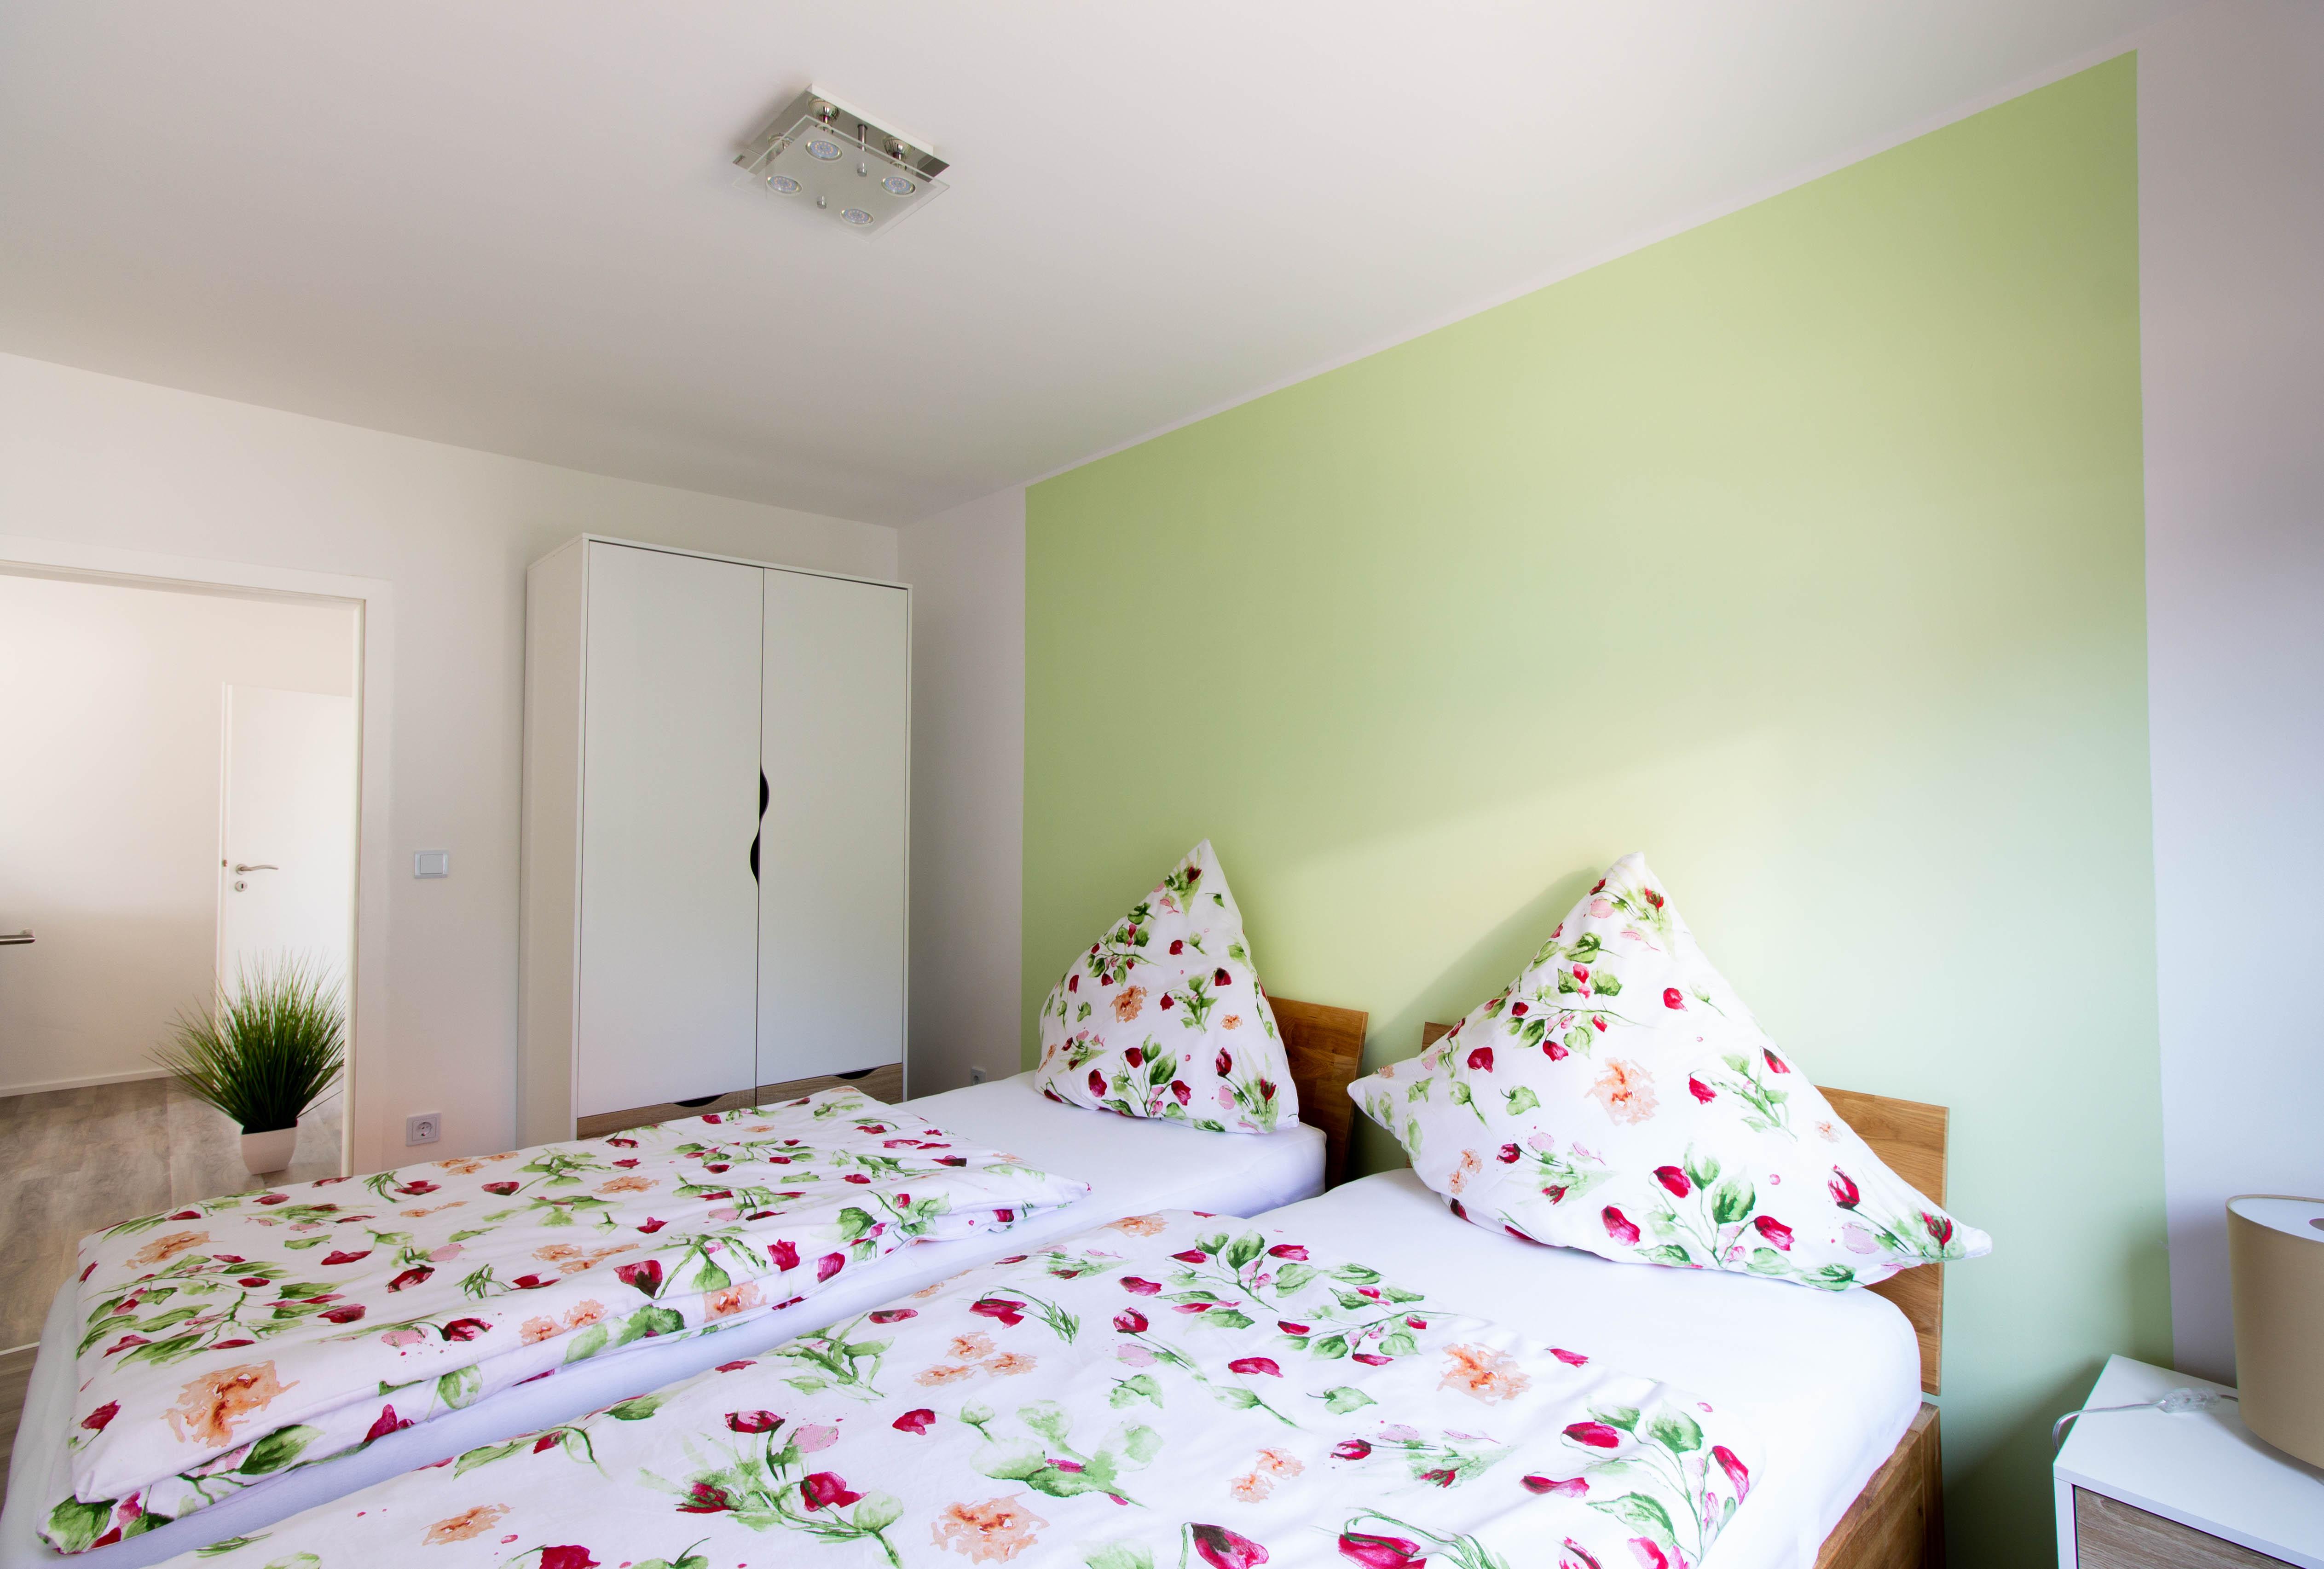 Schlafzimmer Ferienwohnung Maier Bad Dürkheim Ungstein Fewo Pension Ferienhaus Urlaub in Bad Dürkheim Rheinland Pfalz